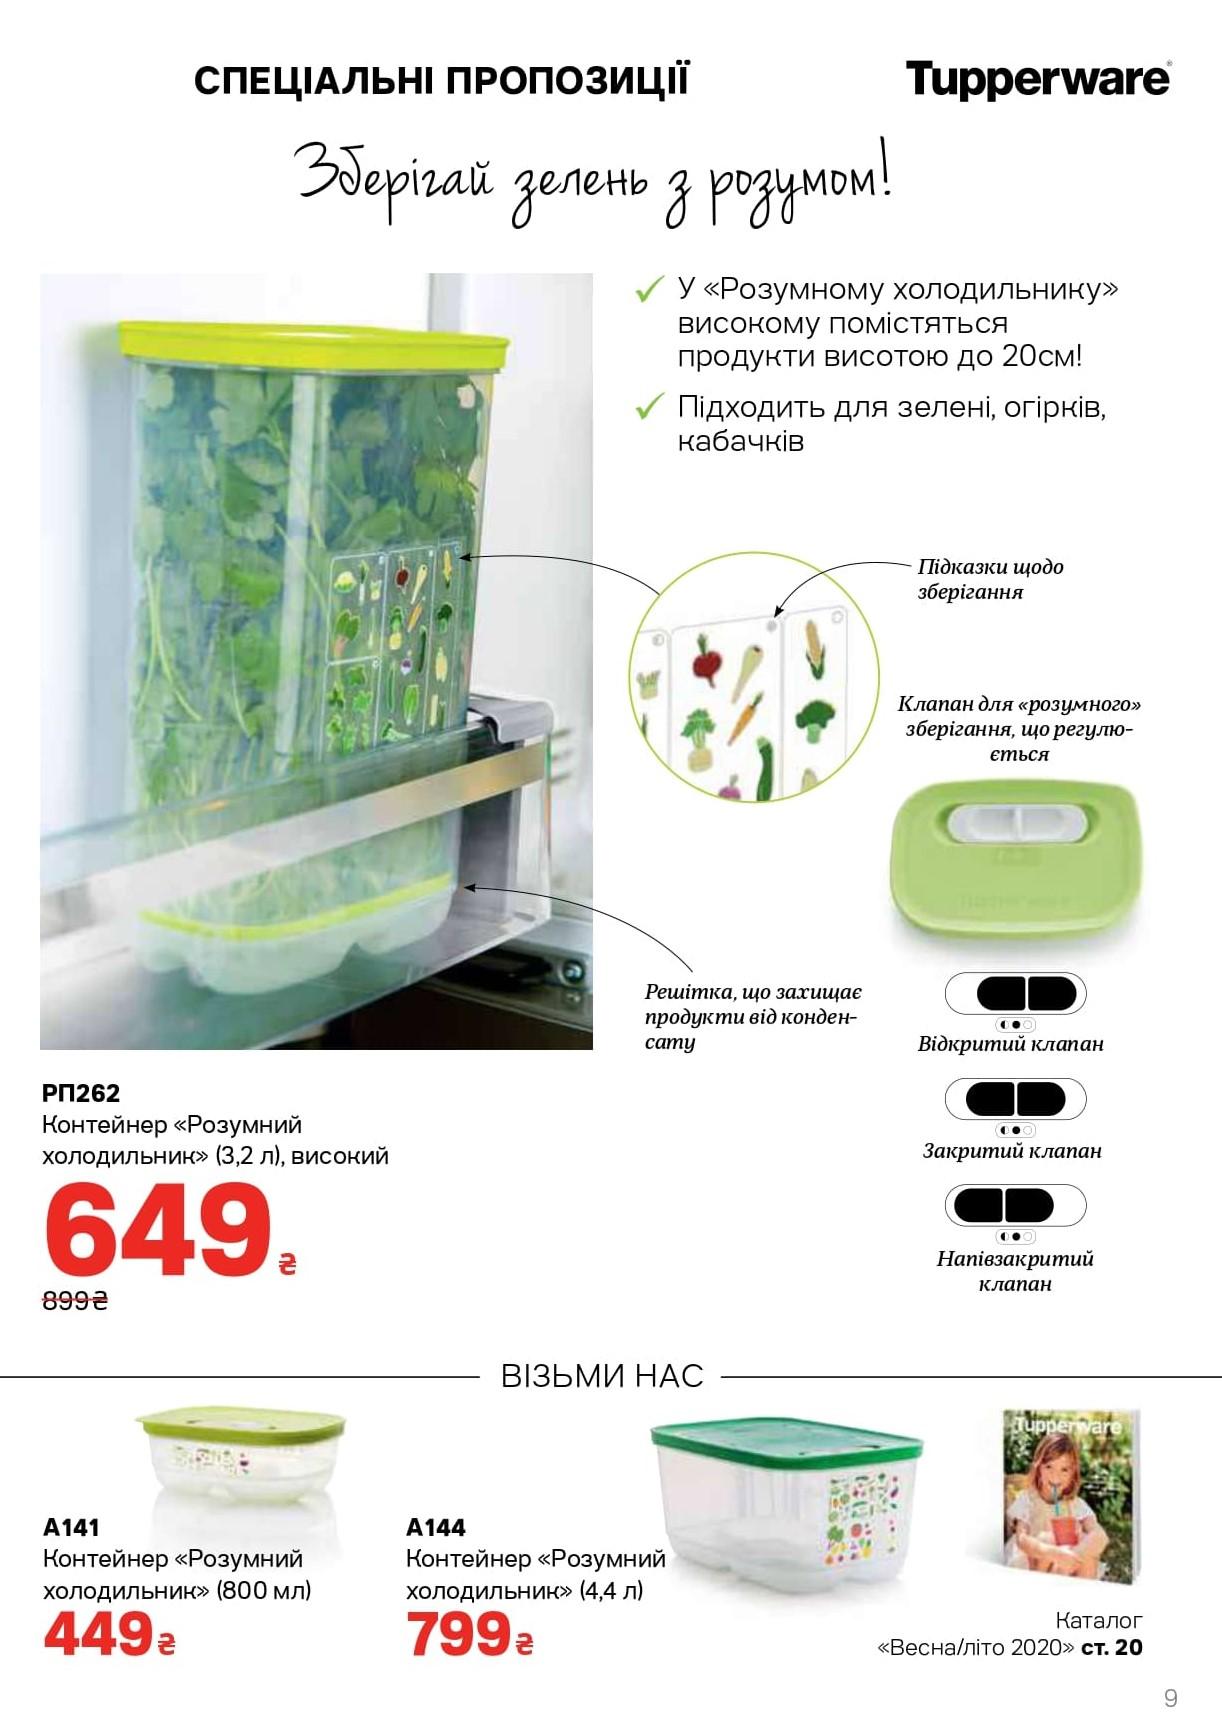 Контейнер умный холодильник для зелени высокий, объем 3,2 литра.